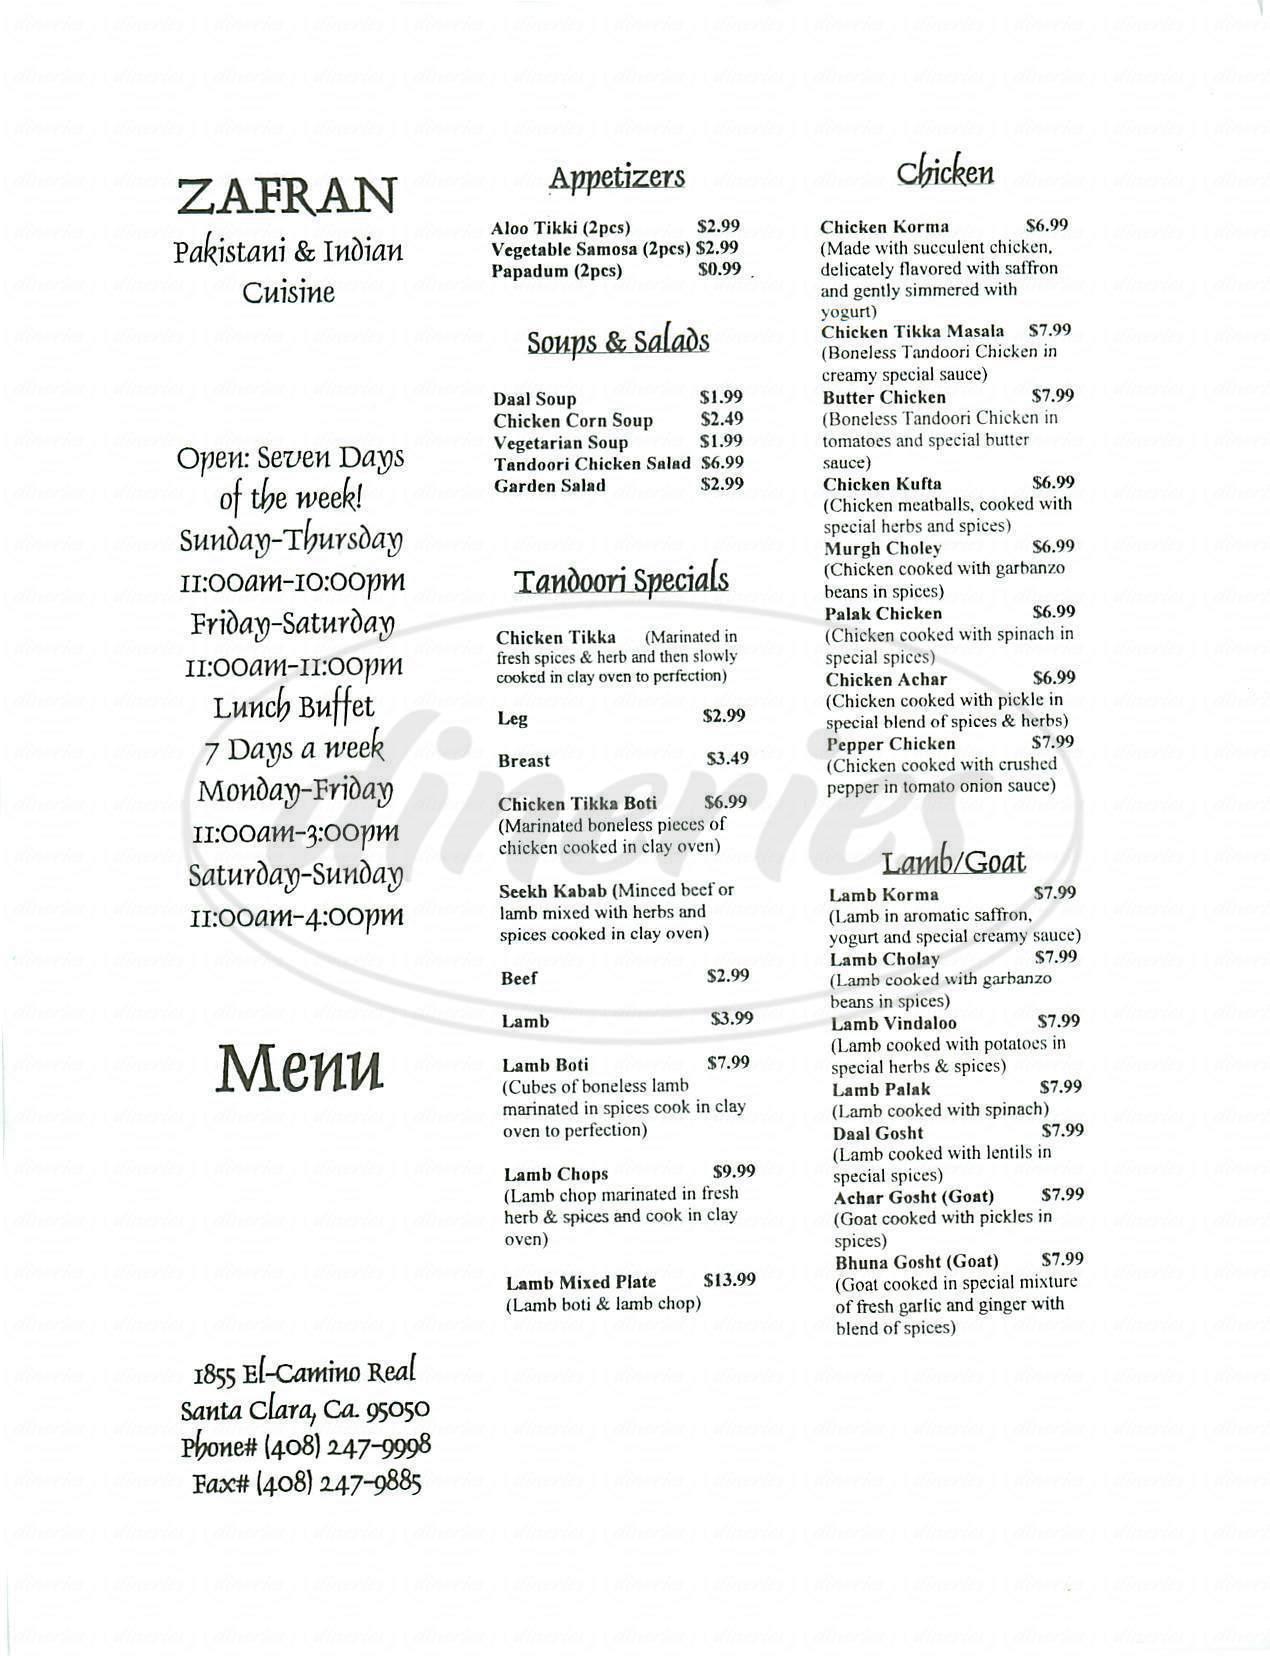 menu for Zafran